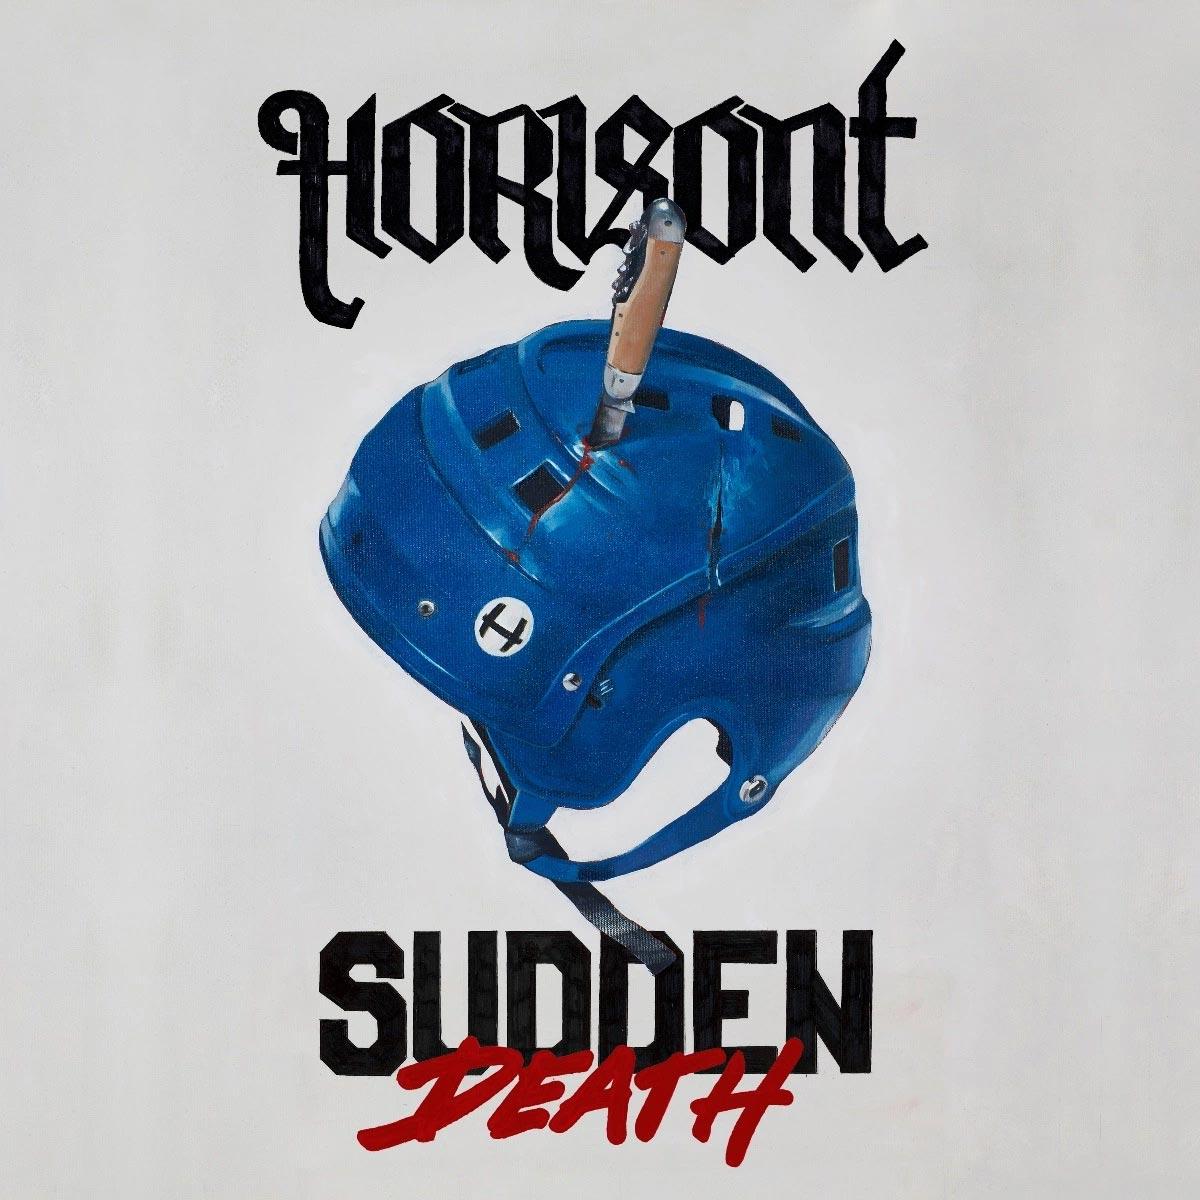 ¿Qué estáis escuchando ahora? - Página 14 Horisont-sudden-death